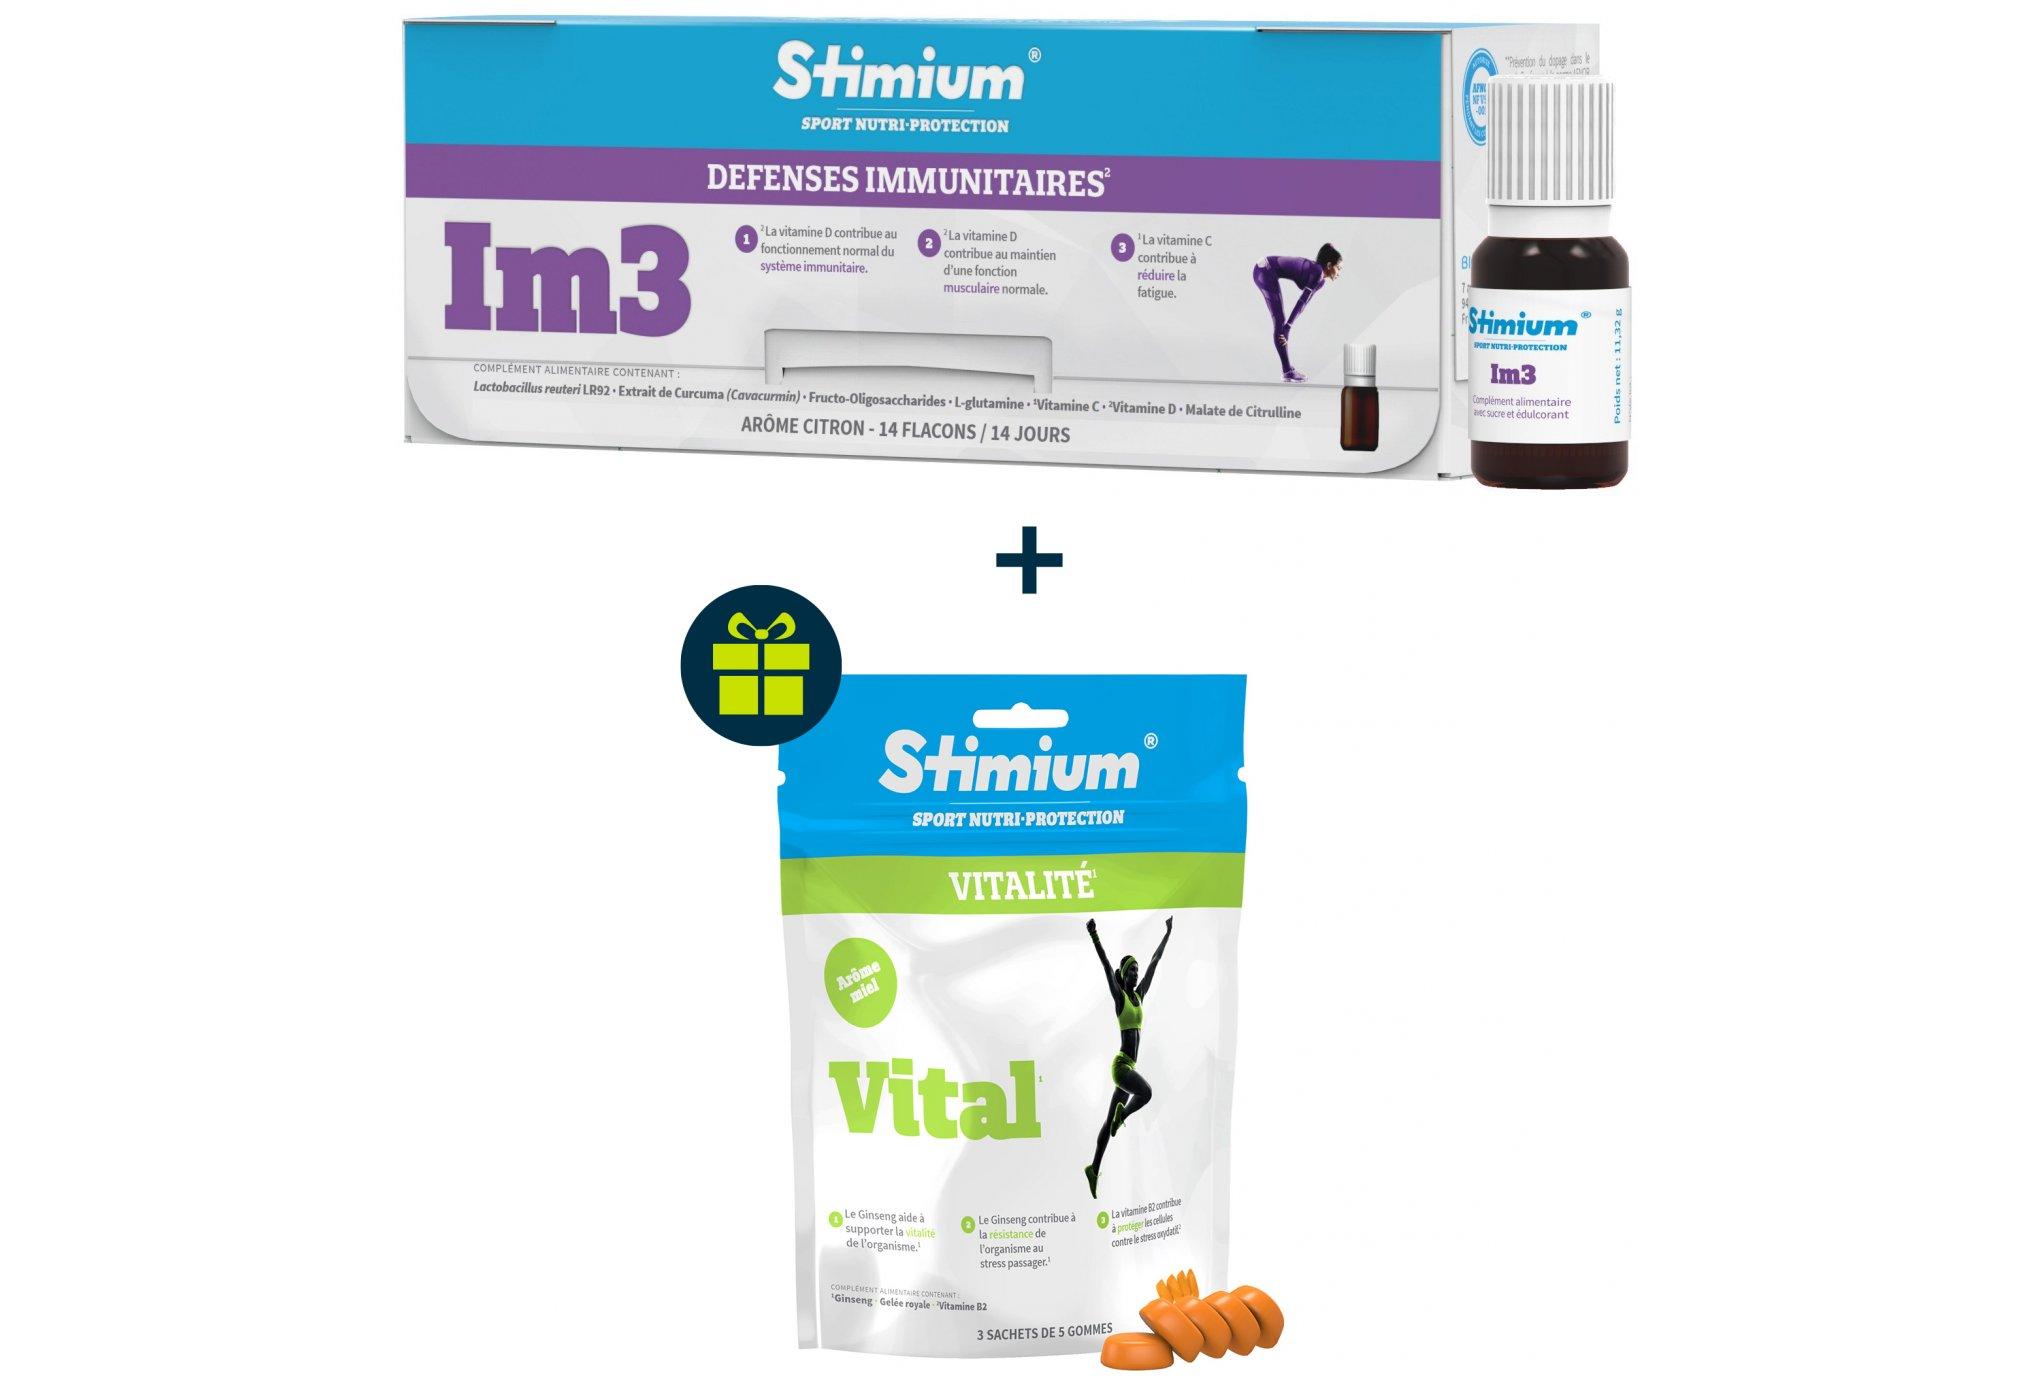 Stimium Pack défenses immunitaires + gommes vital - miel offert diététique compléments